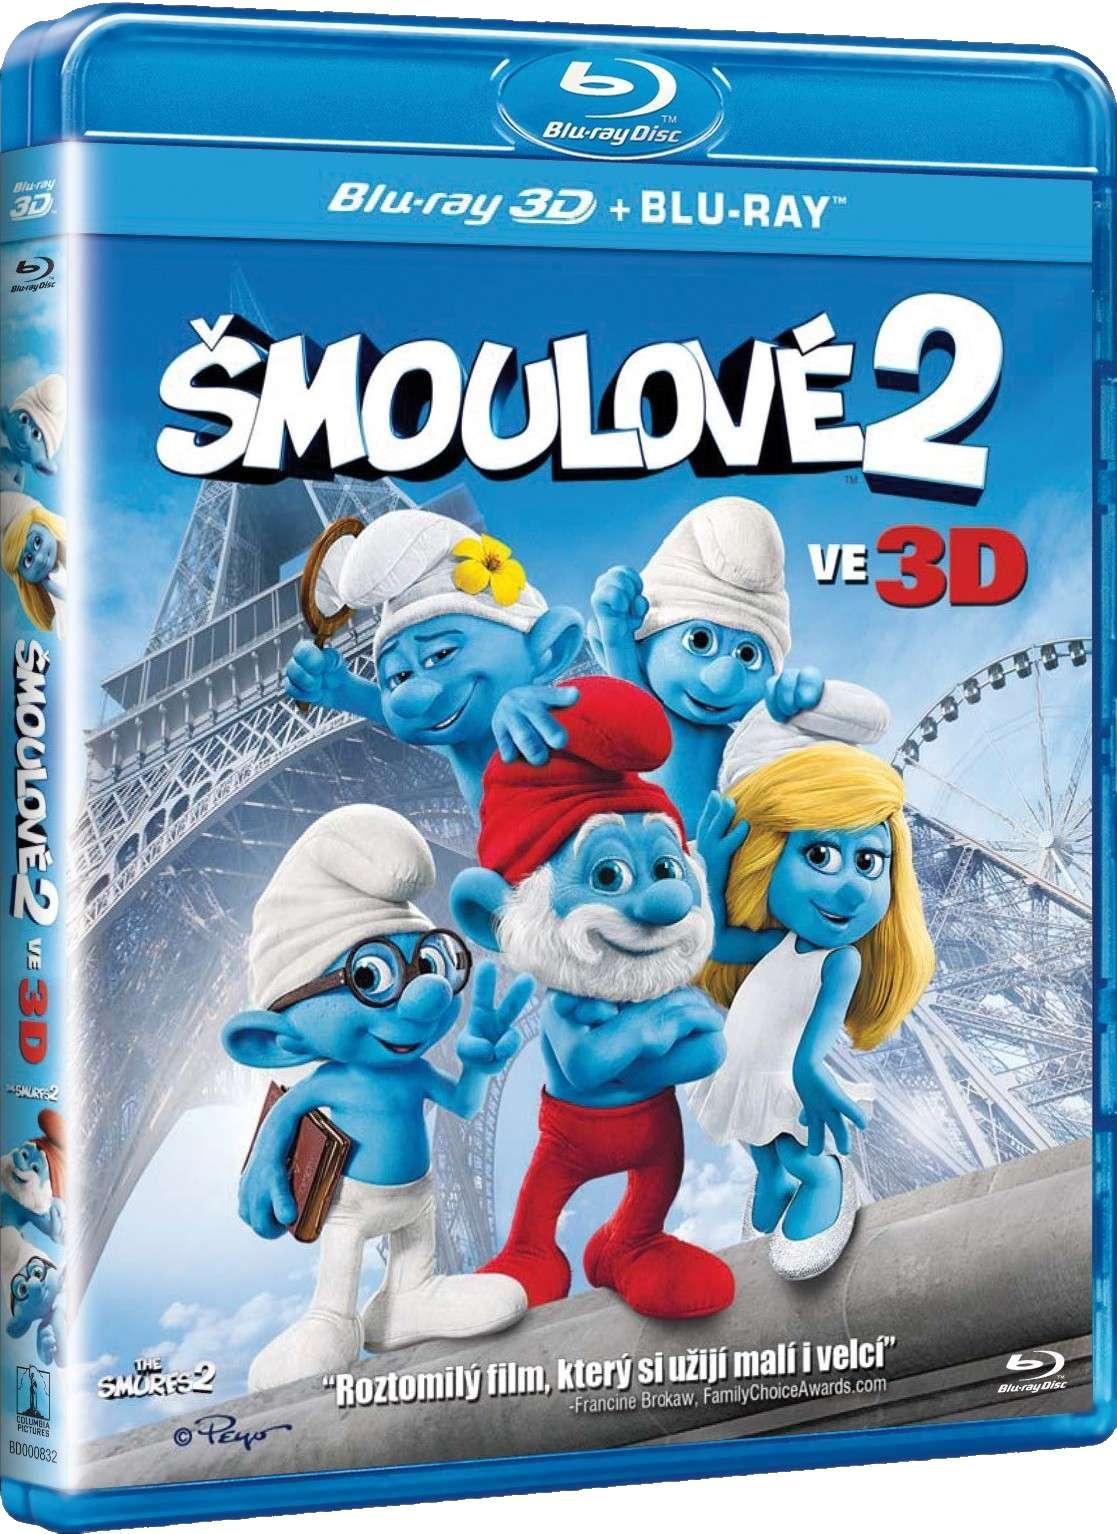 ŠMOULOVÉ 2 (2013) - Blu-ray 3D + 2D